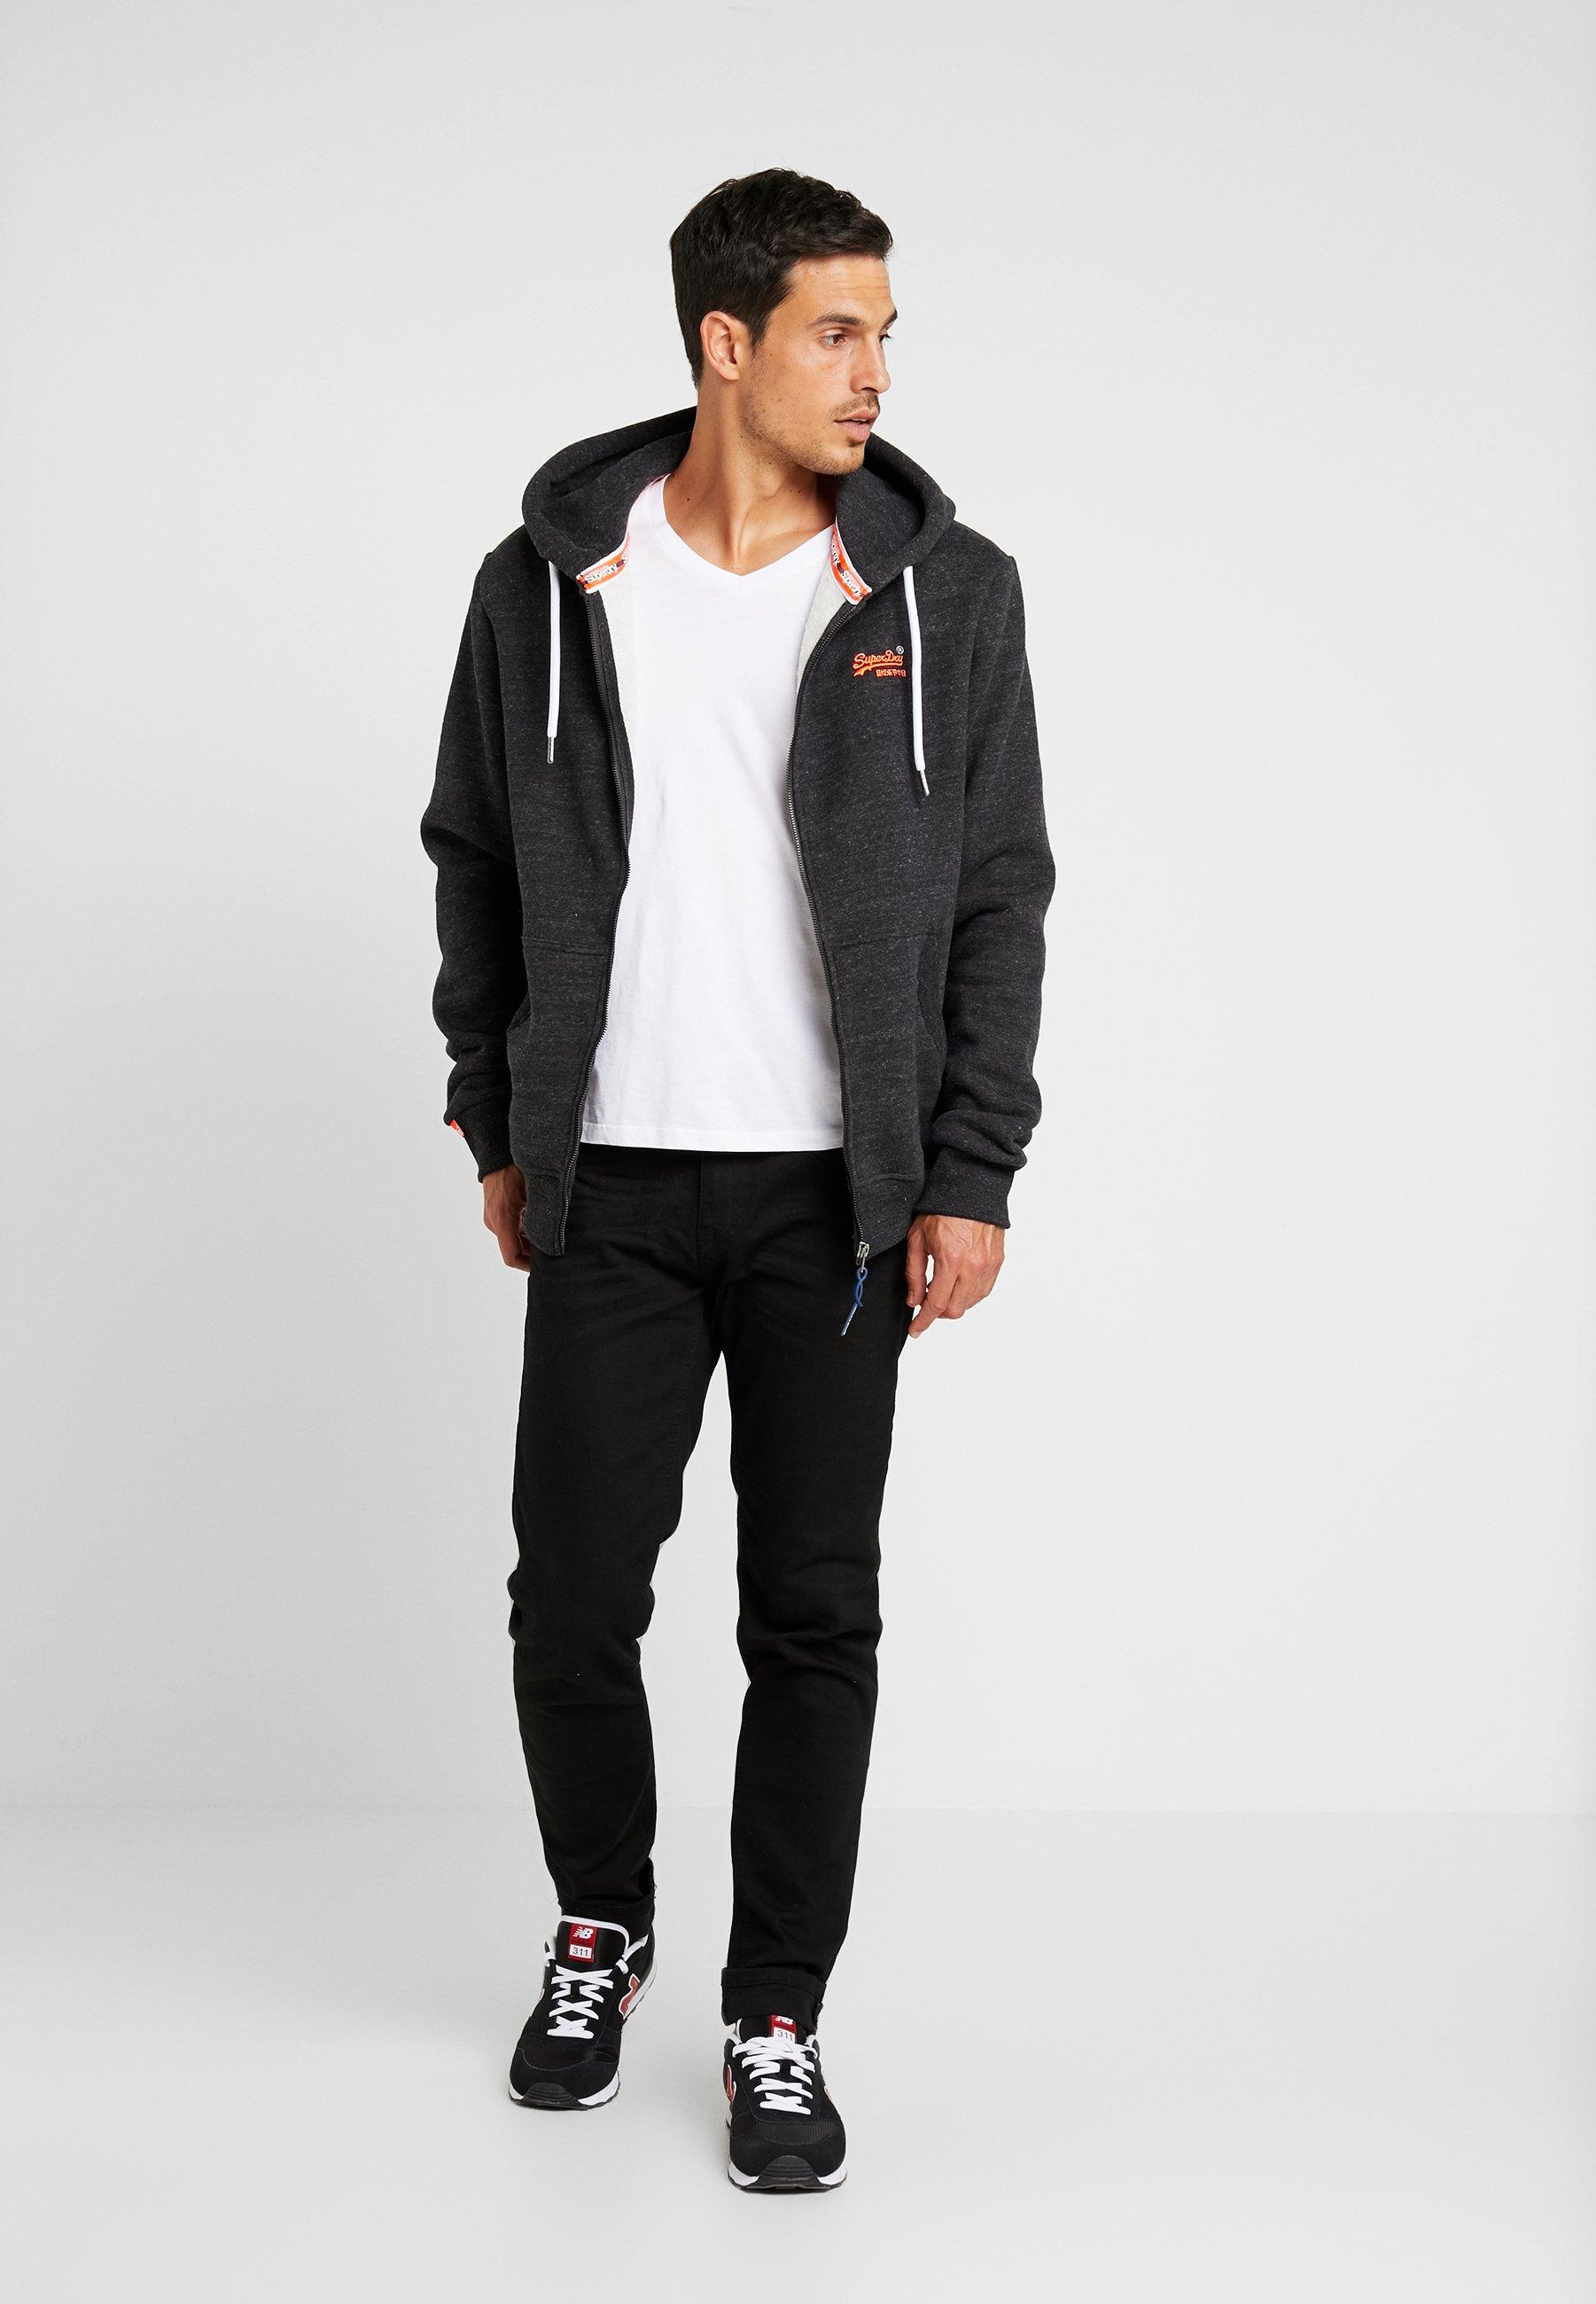 ORANGE LABEL CLASSIC ZIPHOOD veste en sweat zippée nightshade black marl